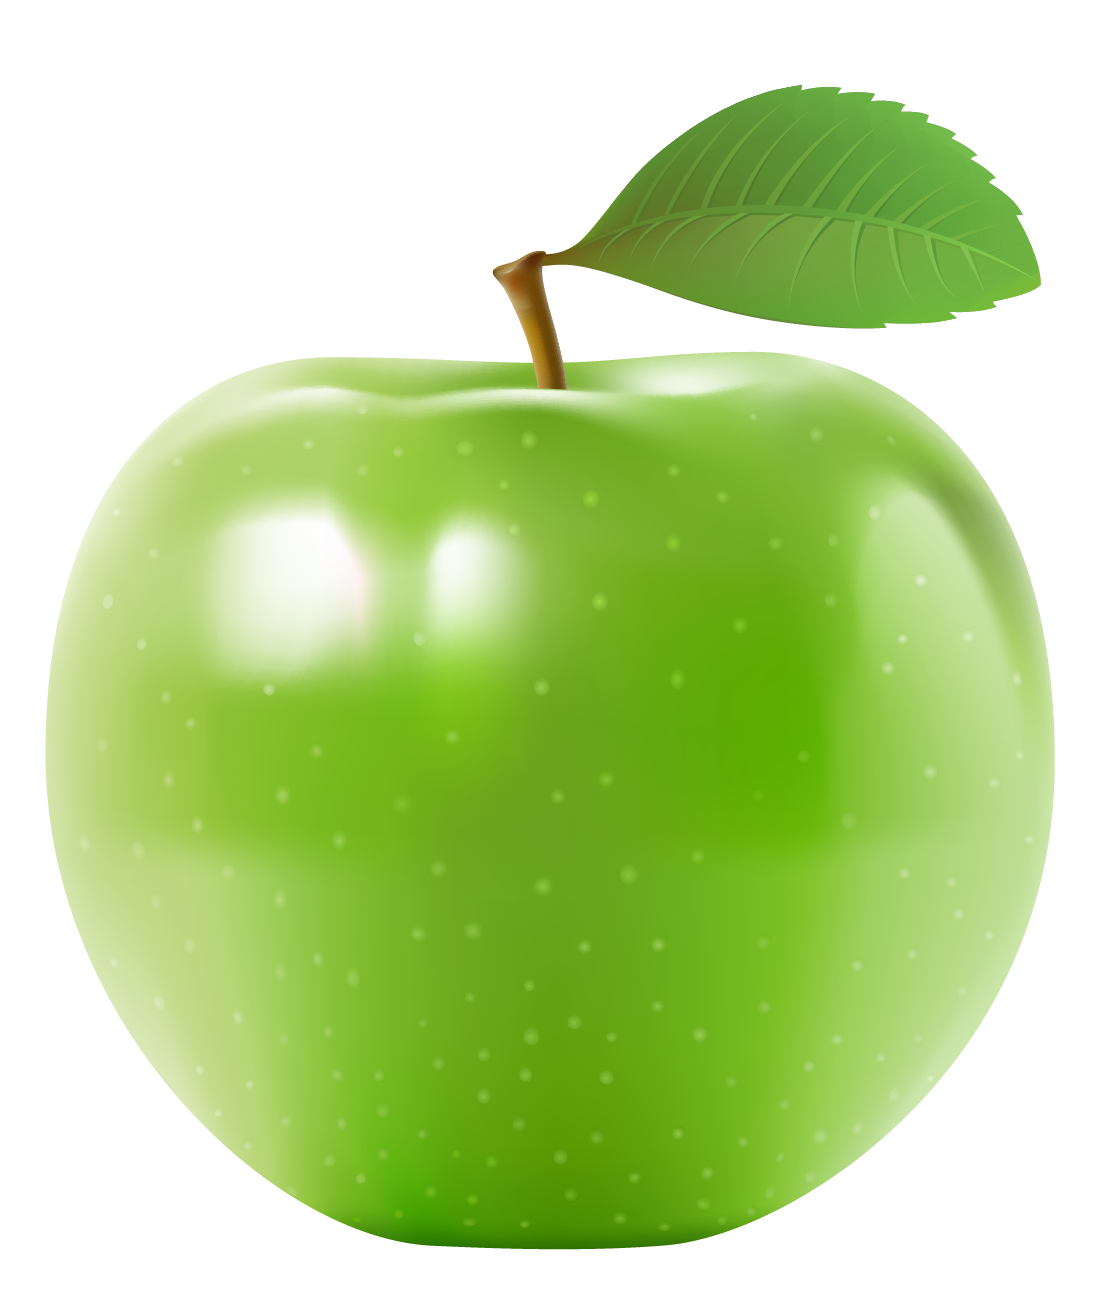 Зеленое яблоко без фона - яблоко, фрукты